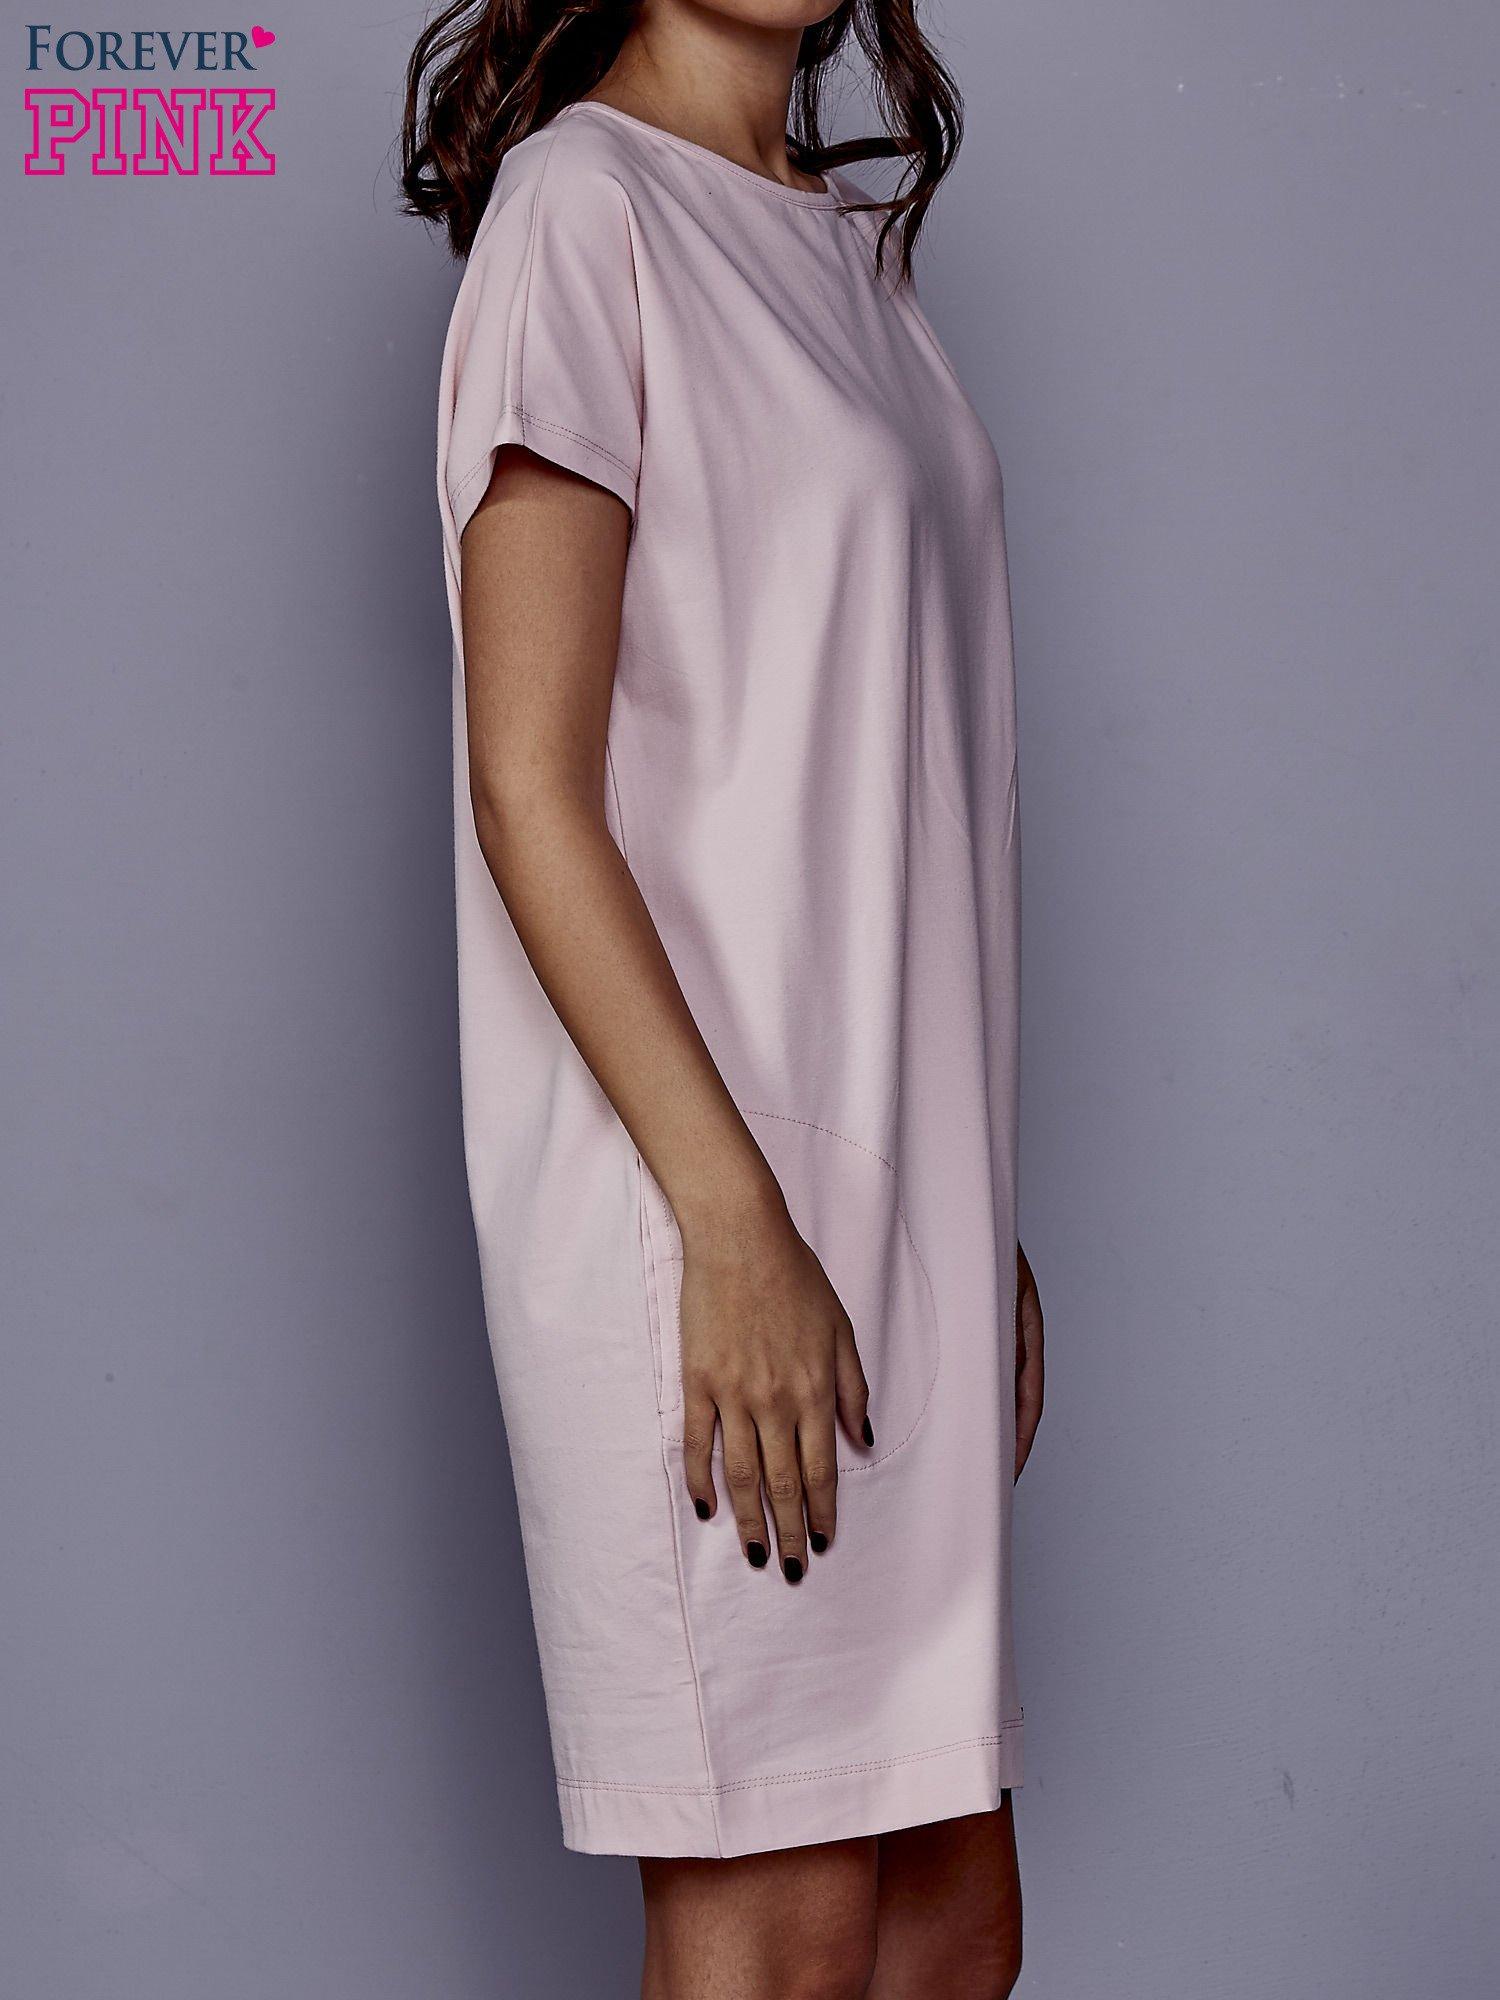 Jasnoróżowa sukienka dresowa z kieszeniami po bokach                                  zdj.                                  3